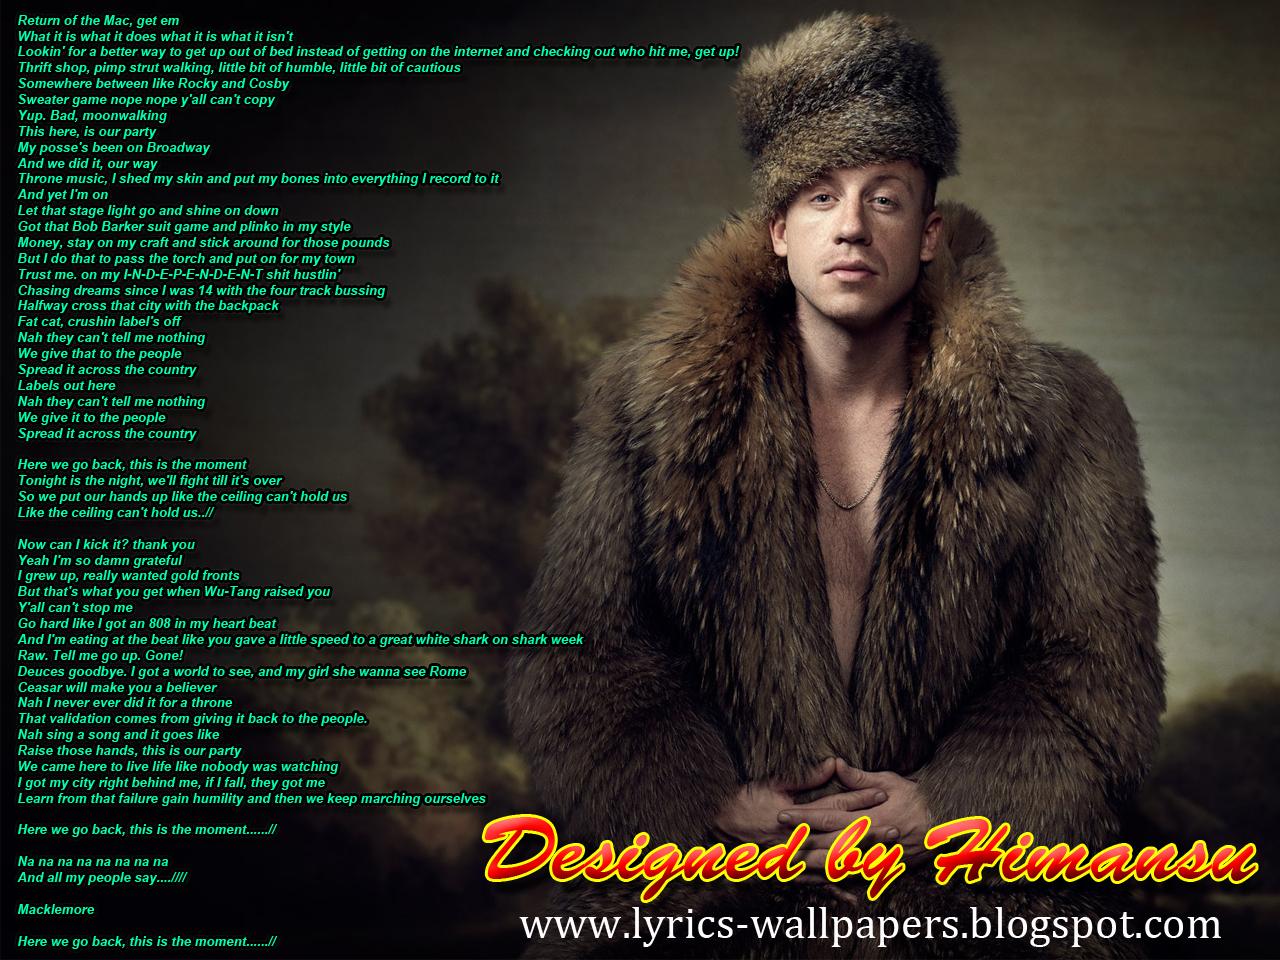 Lyrics Wallpapers: Macklemore